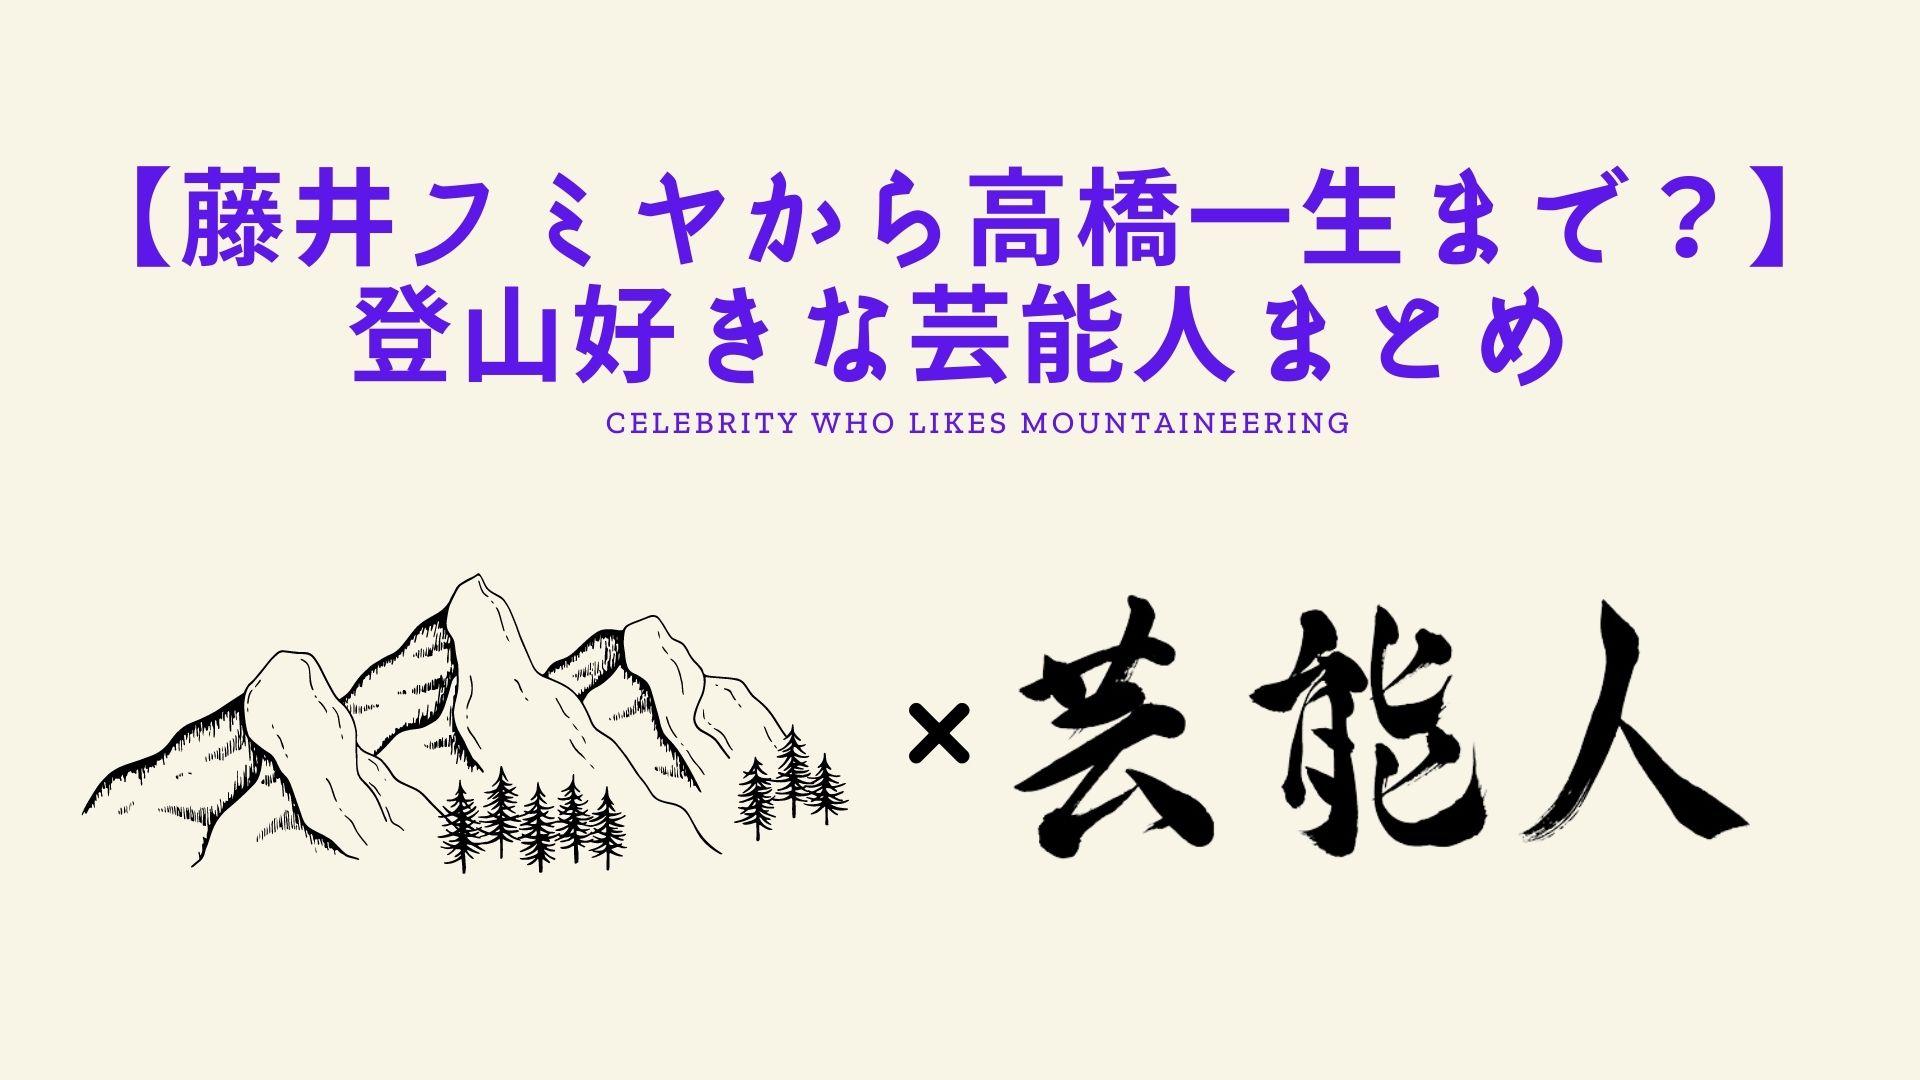 【藤井フミヤから高橋一生まで?】登山好きな芸能人まとめ